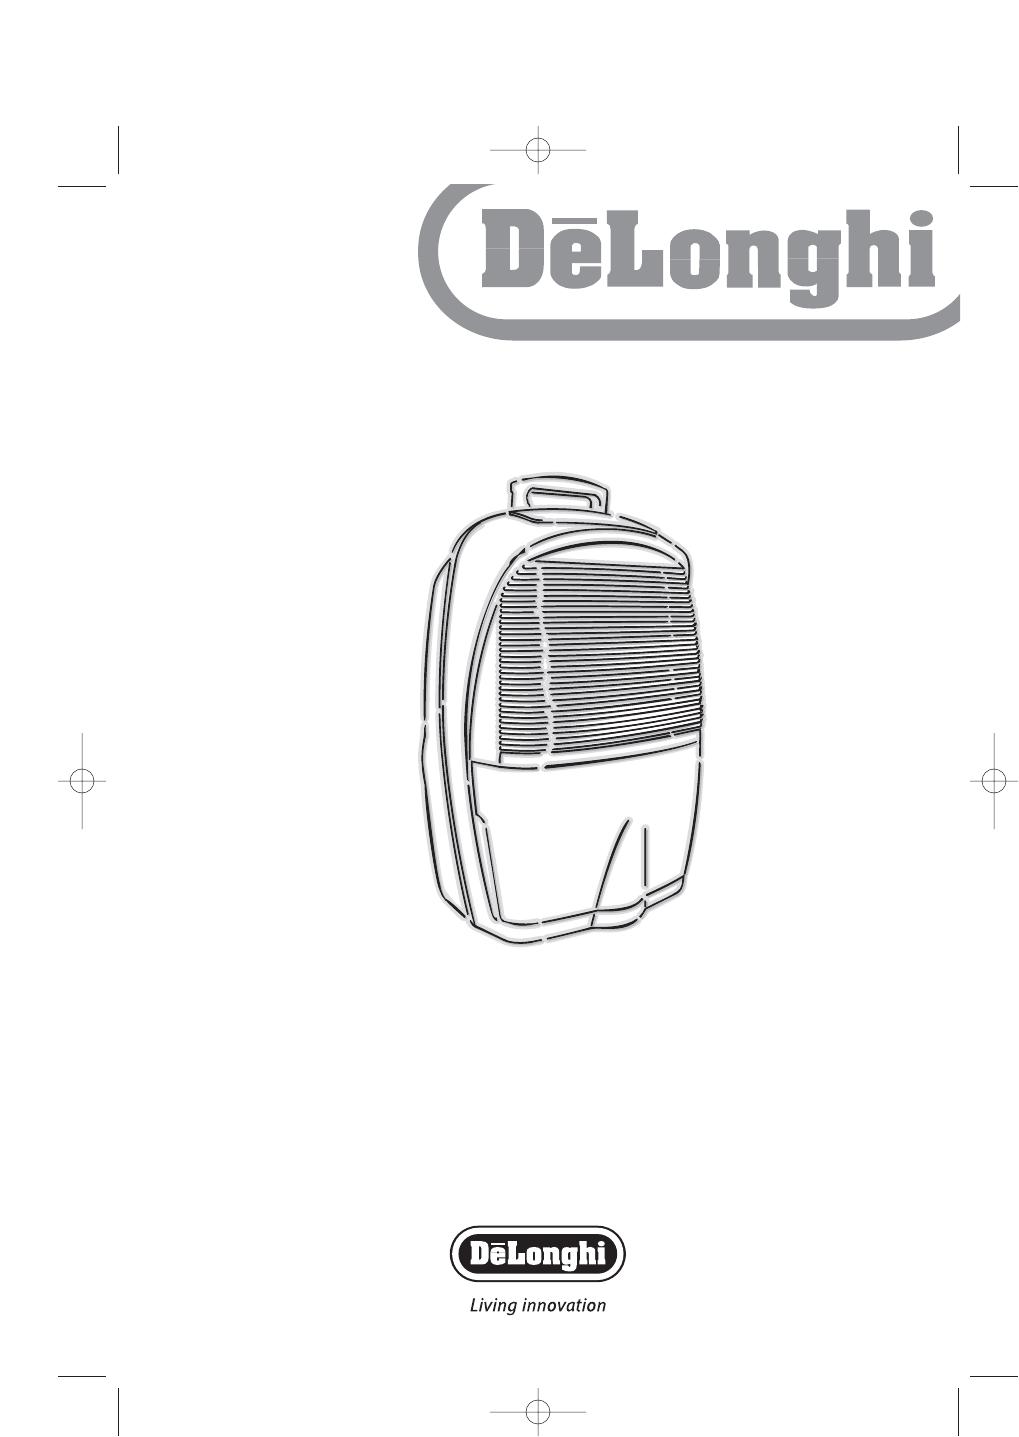 delonghi dehumidifier dec12 user guide manualsonline com rh portablemedia manualsonline com delonghi dehumidifier dem 10 user manual delonghi dehumidifier dem 10 user manual